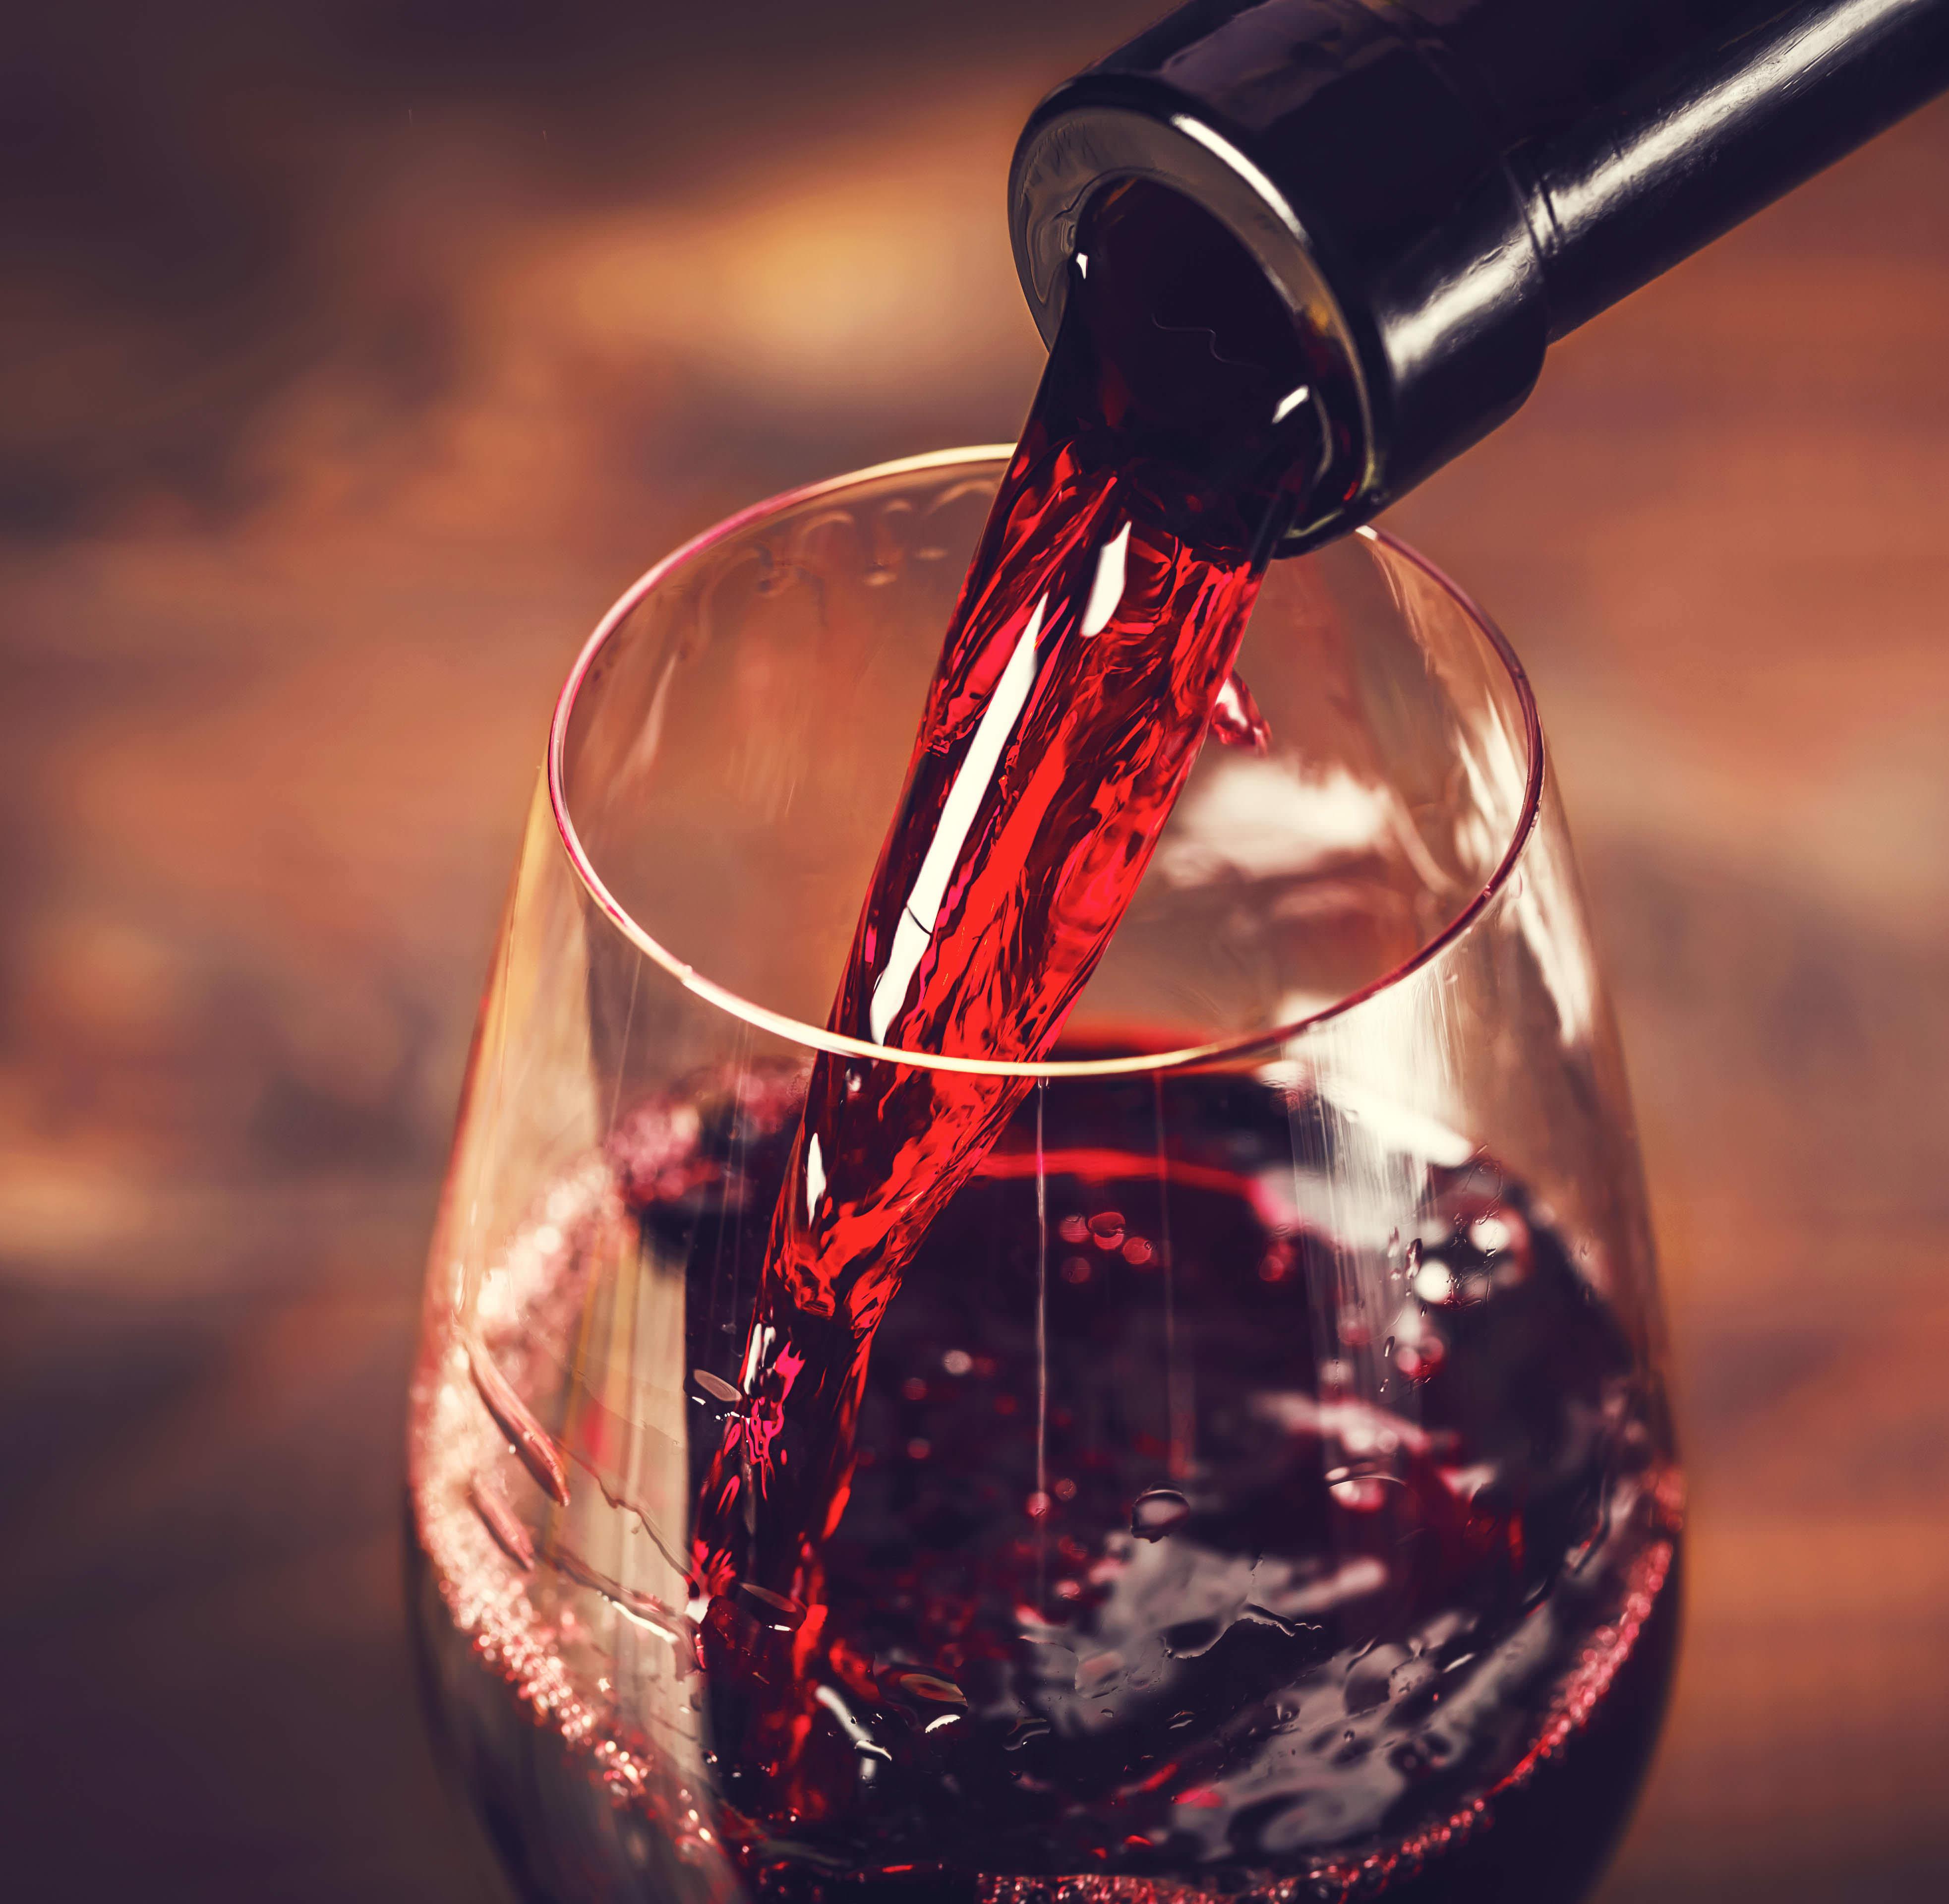 Des études le prouvent : le vin rouge et le chocolat réduisent l'apparition de rides